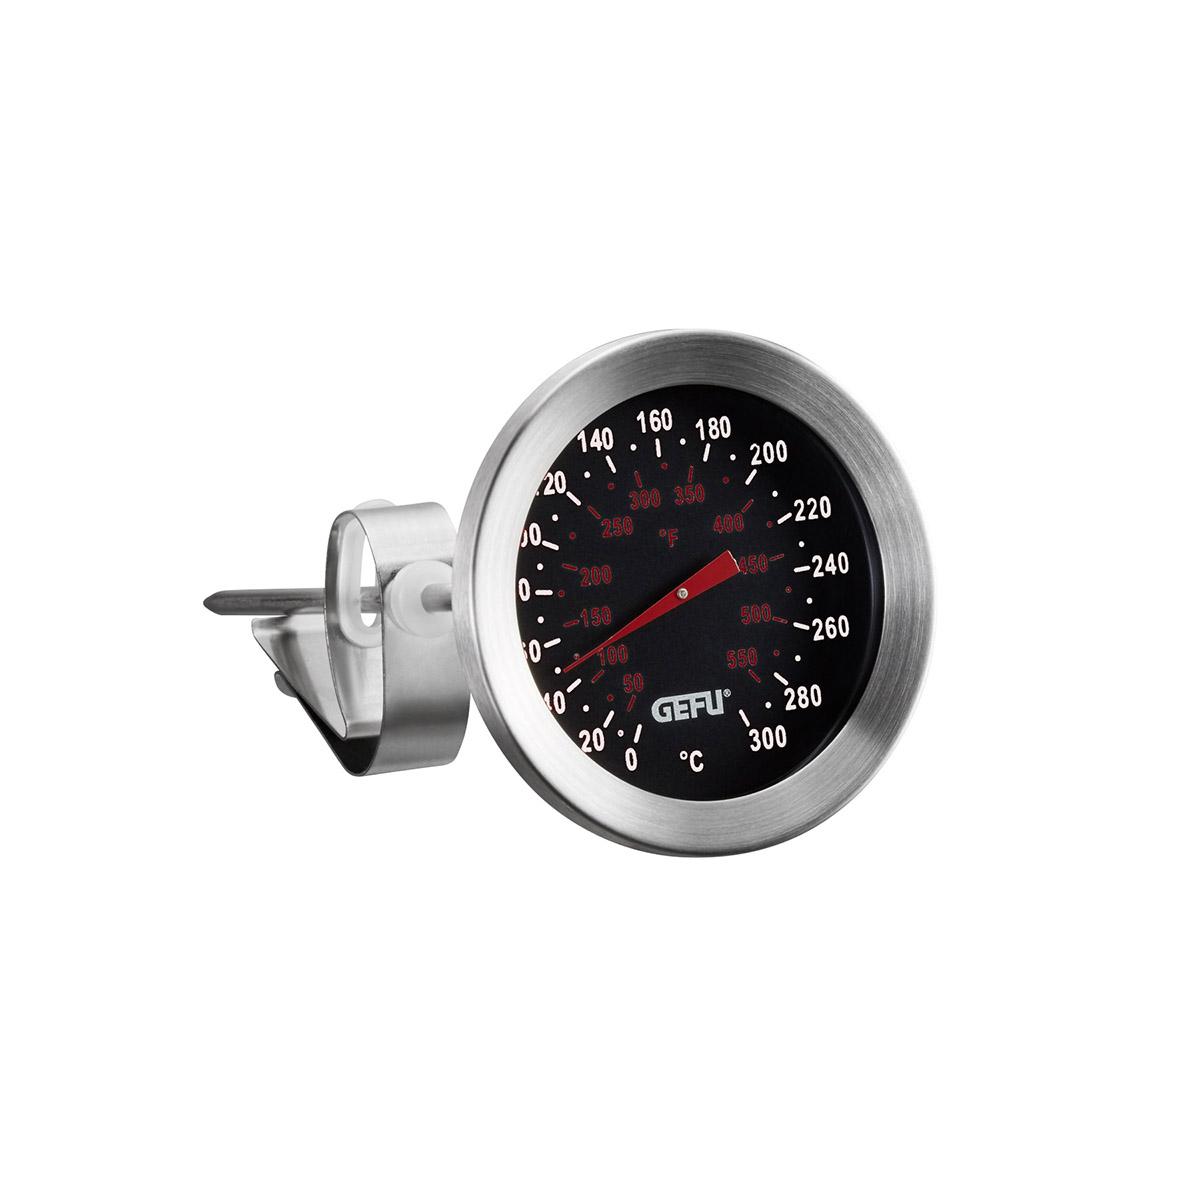 GEFU - 'Küchenthermometer SIDO - Braten / BBQ'